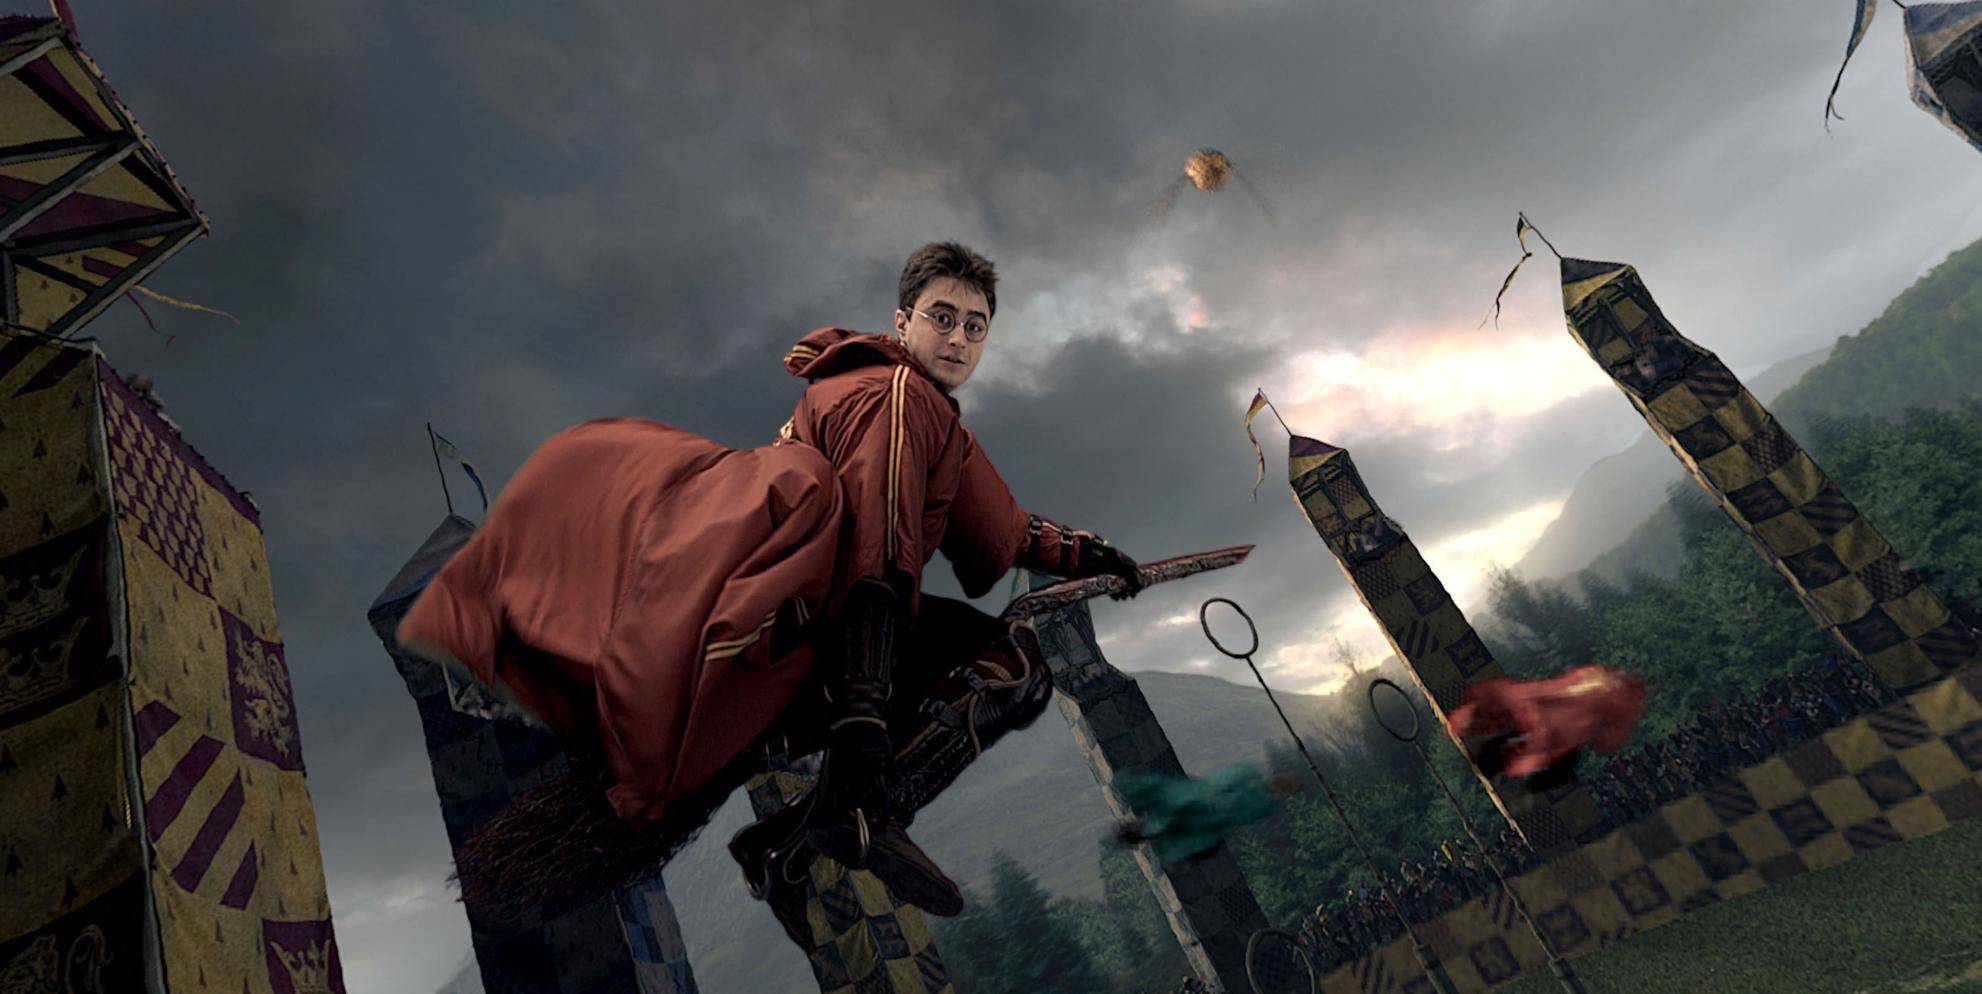 Potterish :: Harry Potter, o Ickabog, Animais Fantásticos e JK Rowling [Atualizado] Festa de abertura do parque será em 18 de junho!